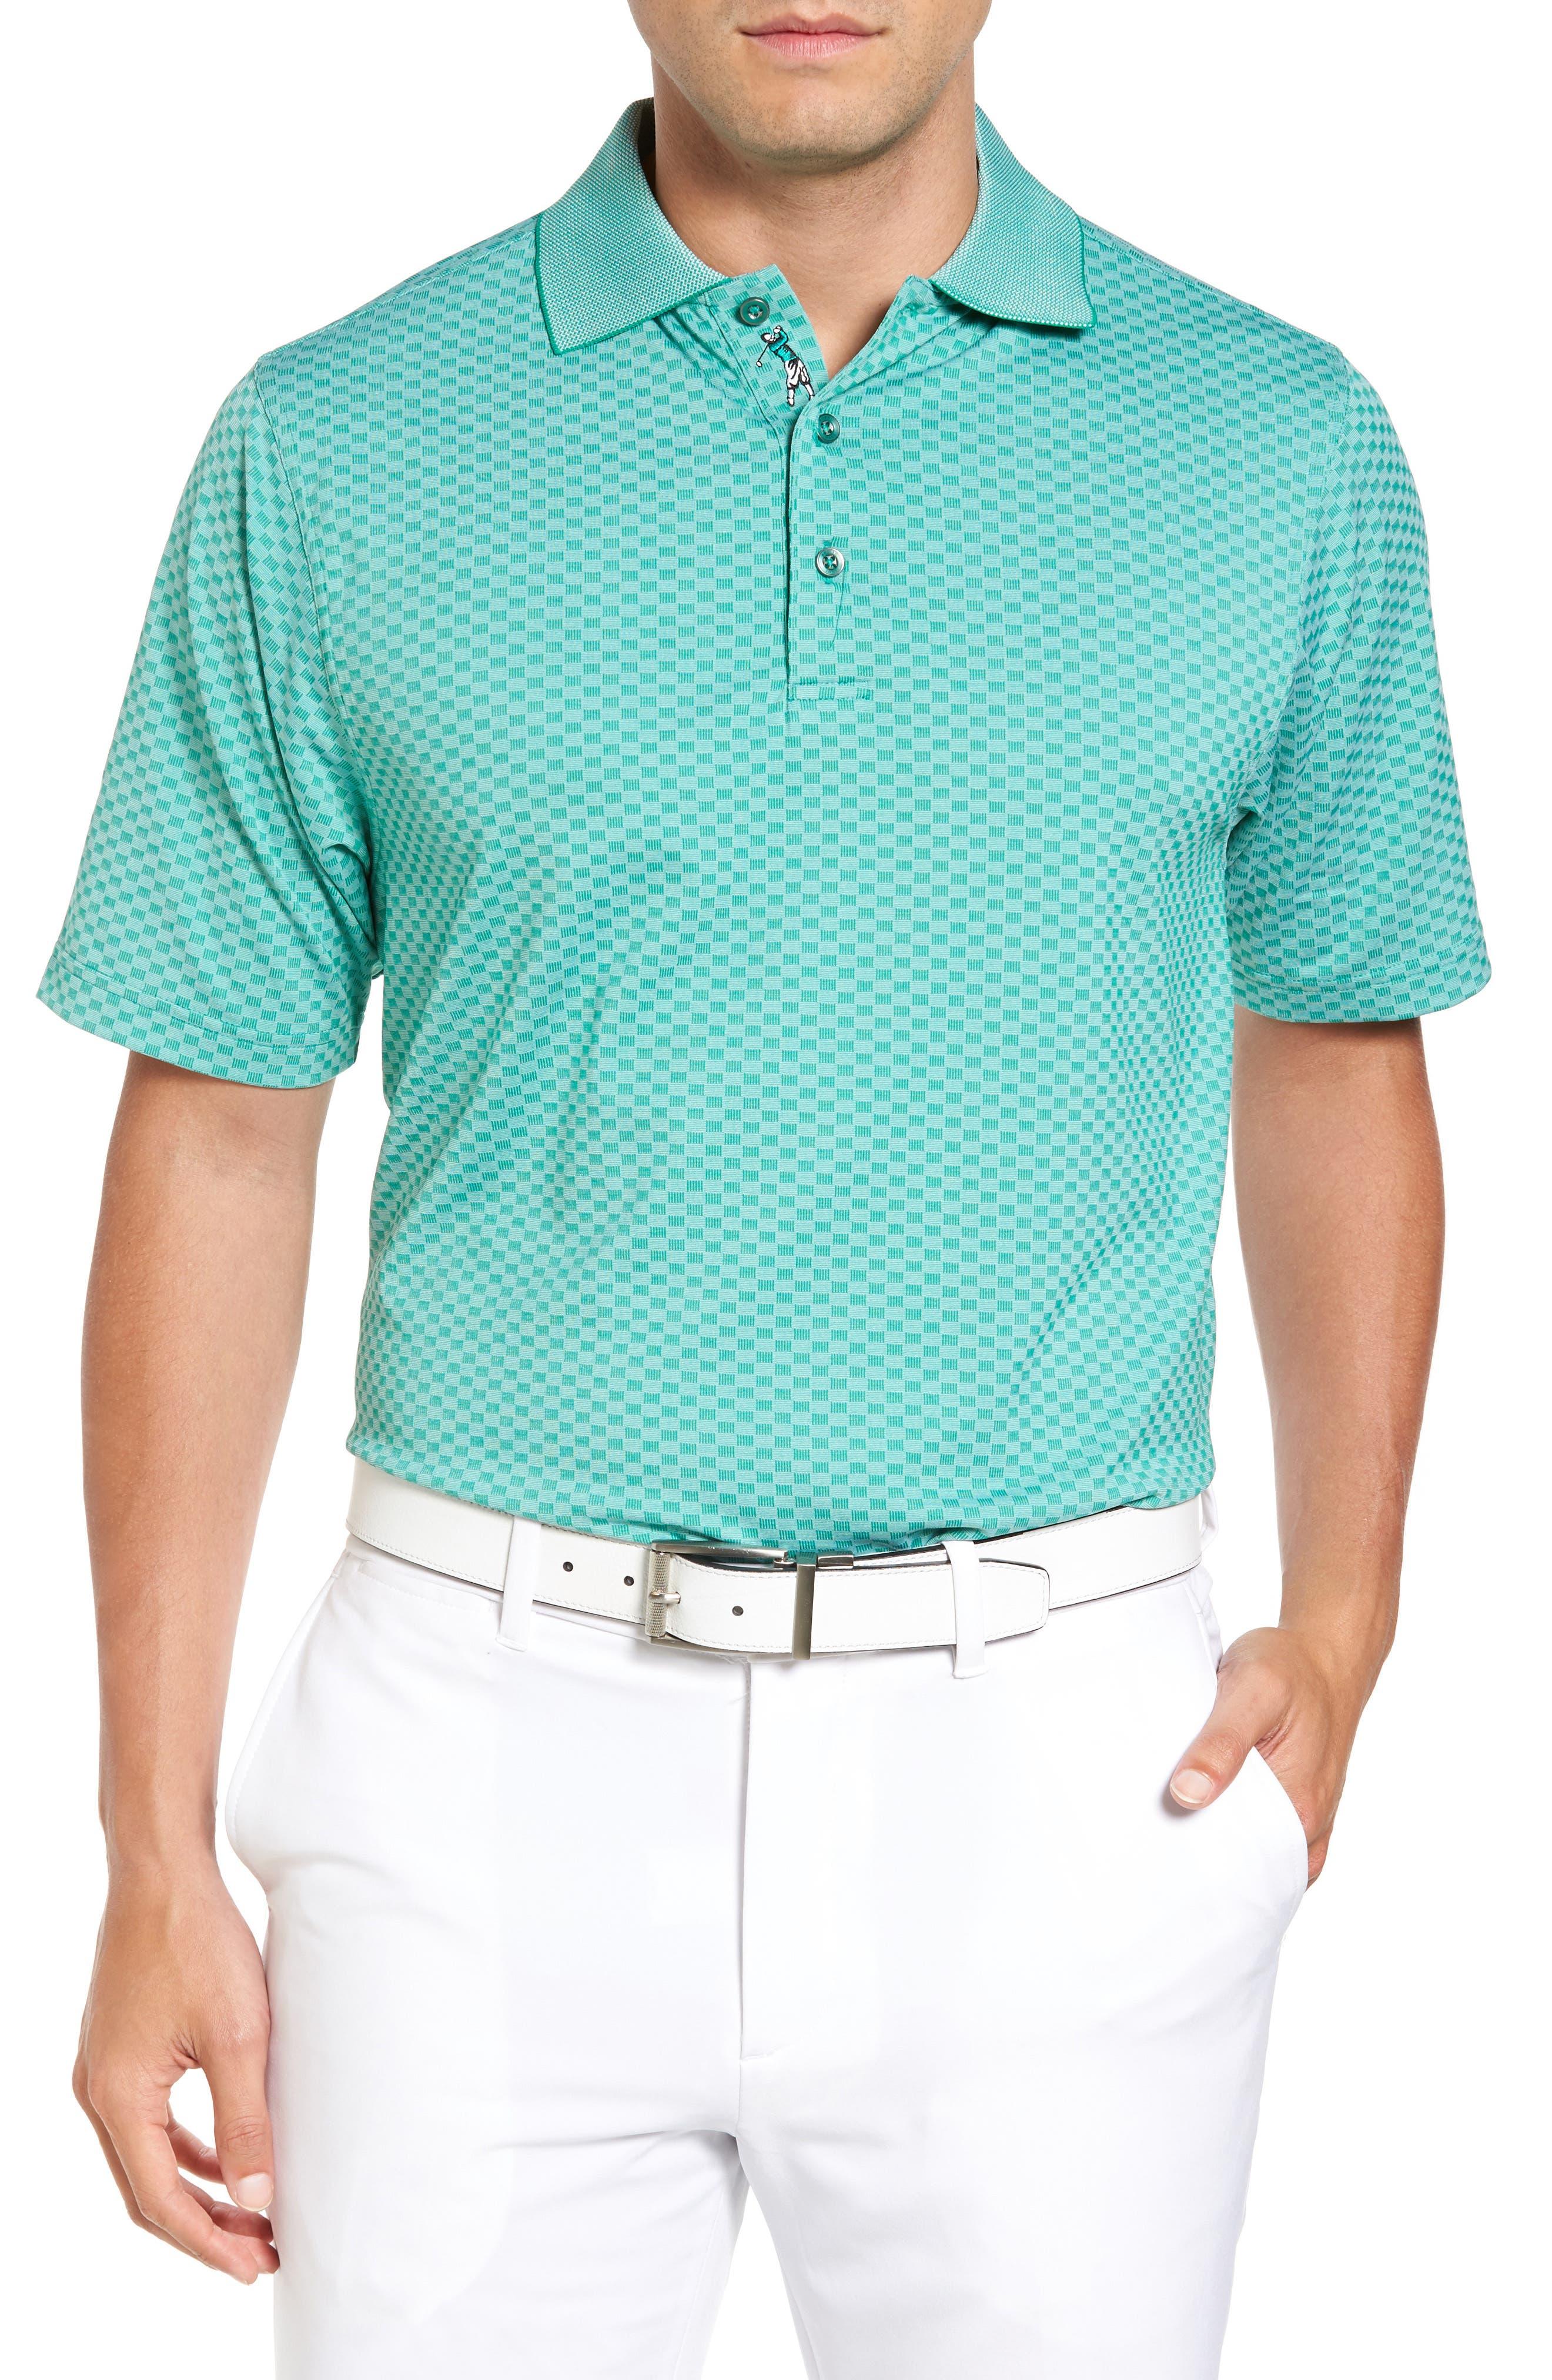 Bobby Jones XH20 Rye Check Stretch Golf Polo